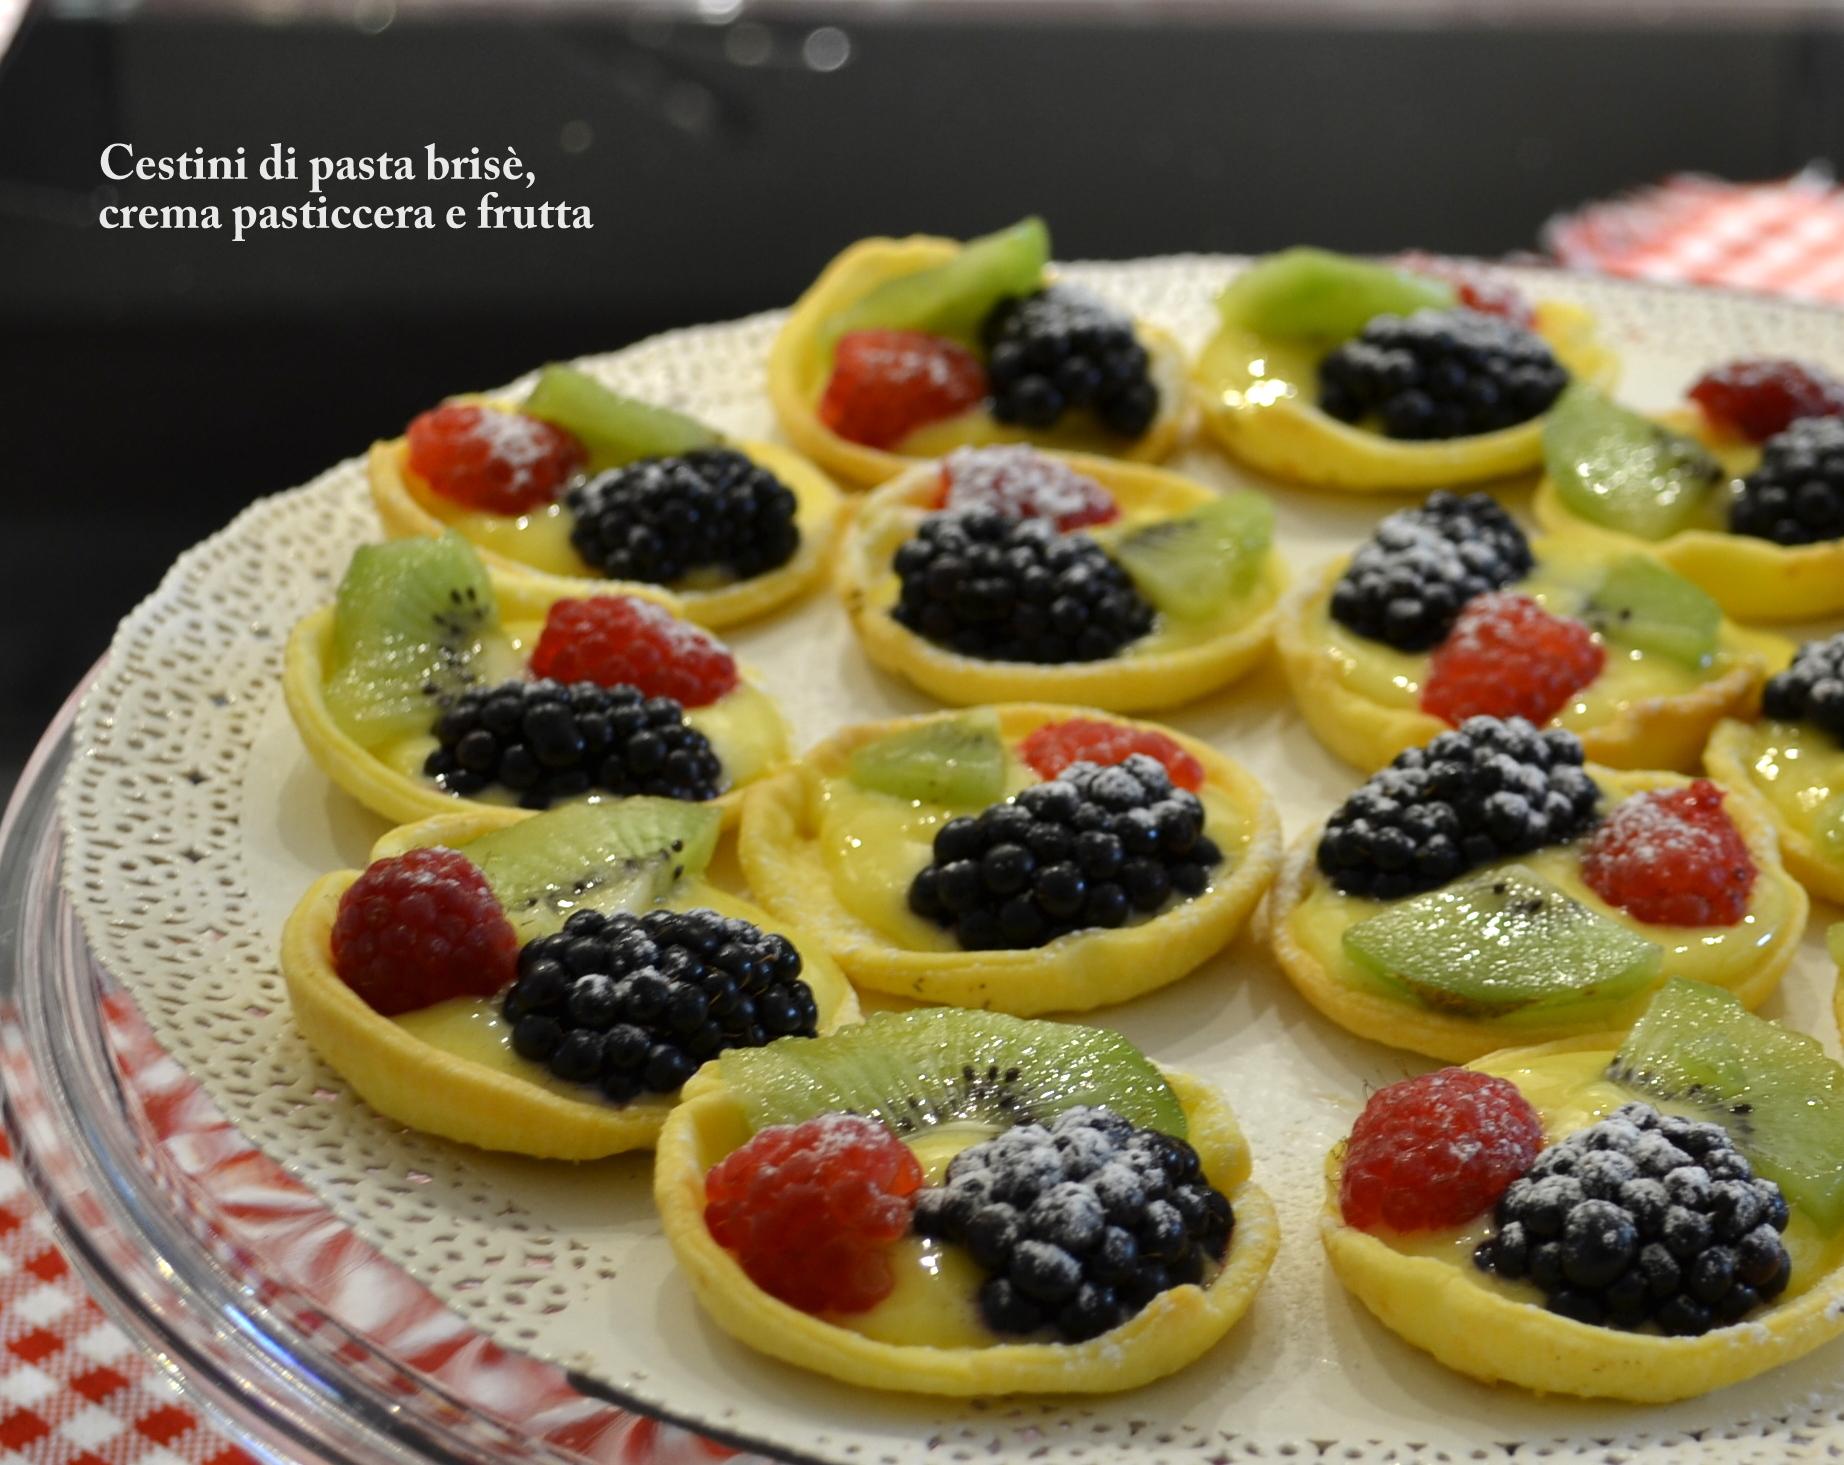 Cucinare Creare Cestini Di Pasta Brise Con Frutti Di Bosco